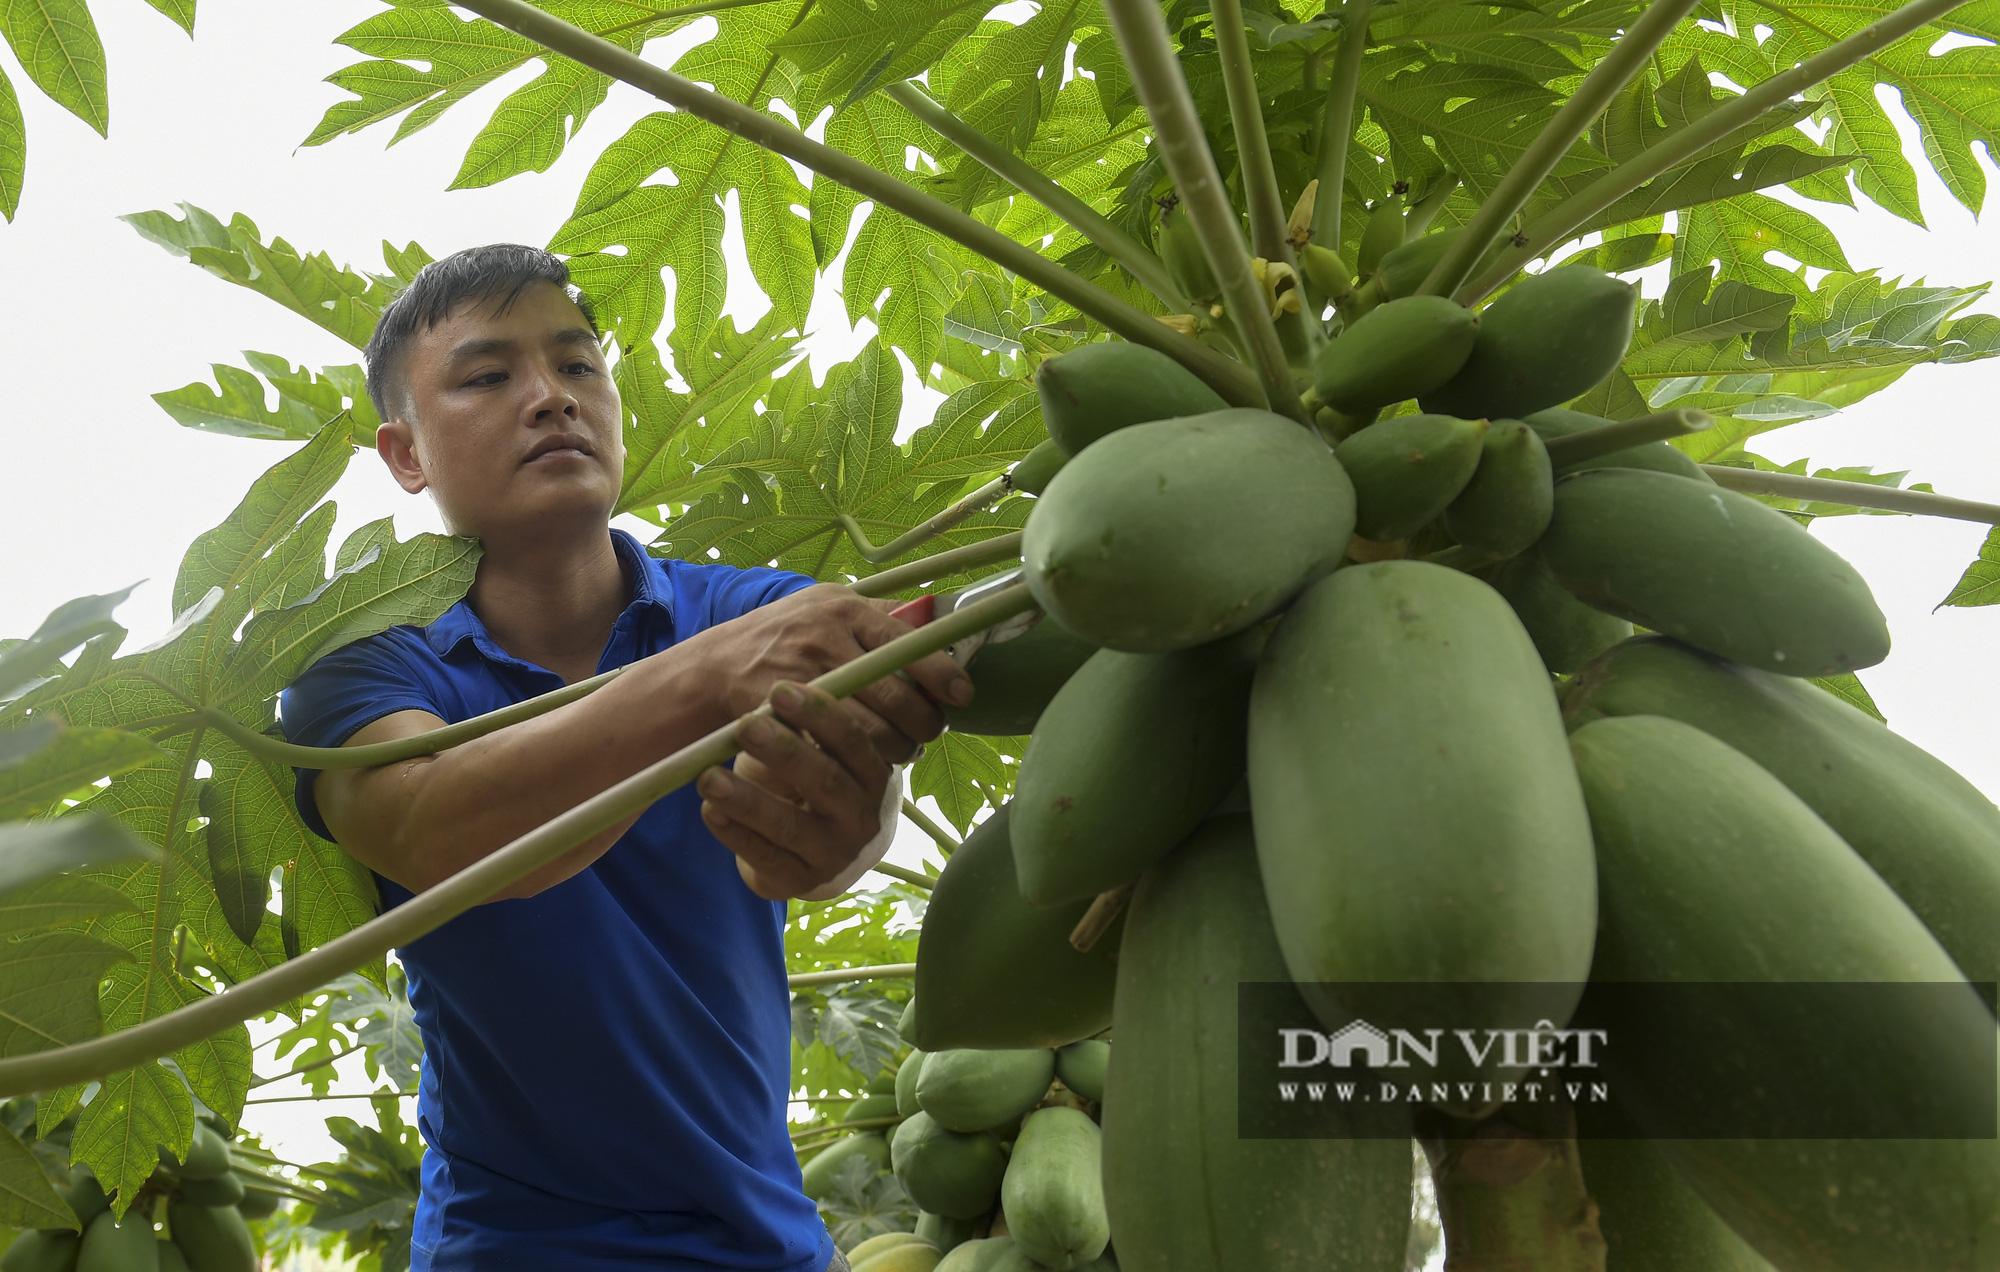 Độc đáo vườn đu đủ bonsai trĩu quả chơi Tết, mỗi cây giá bạc triệu hút khách mua chơi Tết - Ảnh 7.